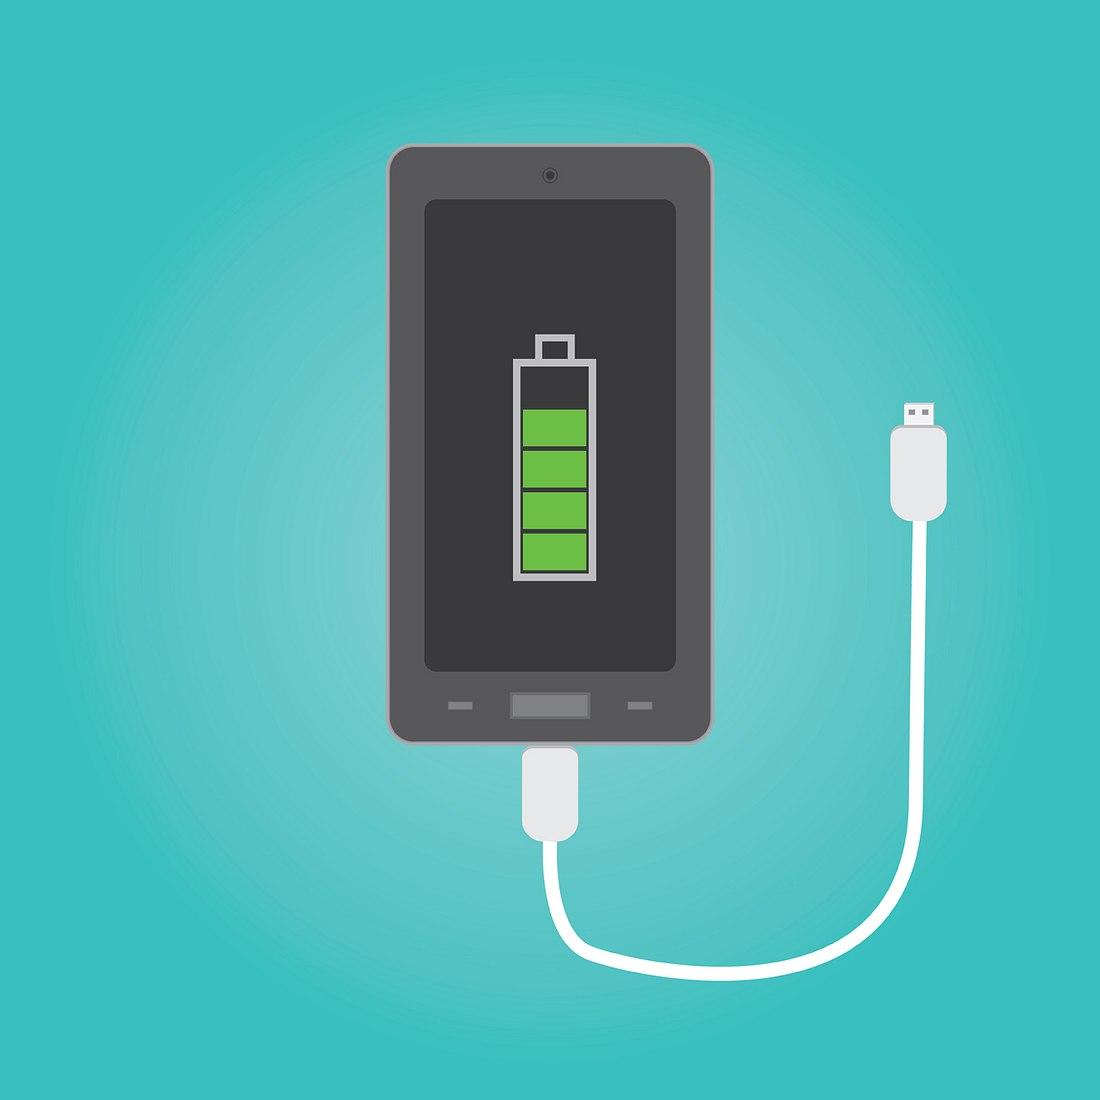 Ein iPhone, dessen Akku aufgeladen wird